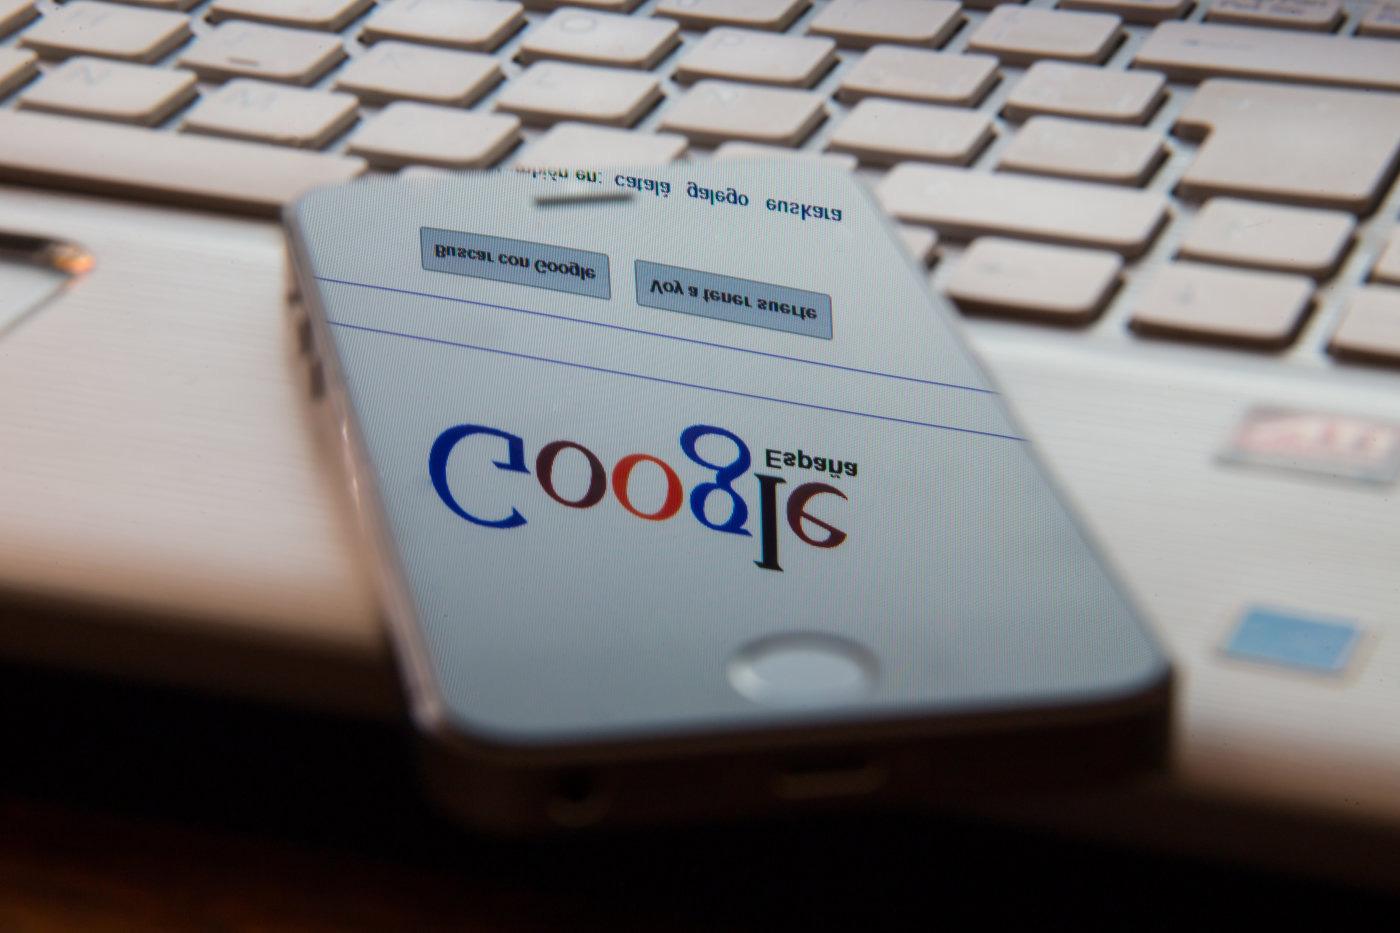 به روزرسانی اپلیکیشن گوگل برای iOs